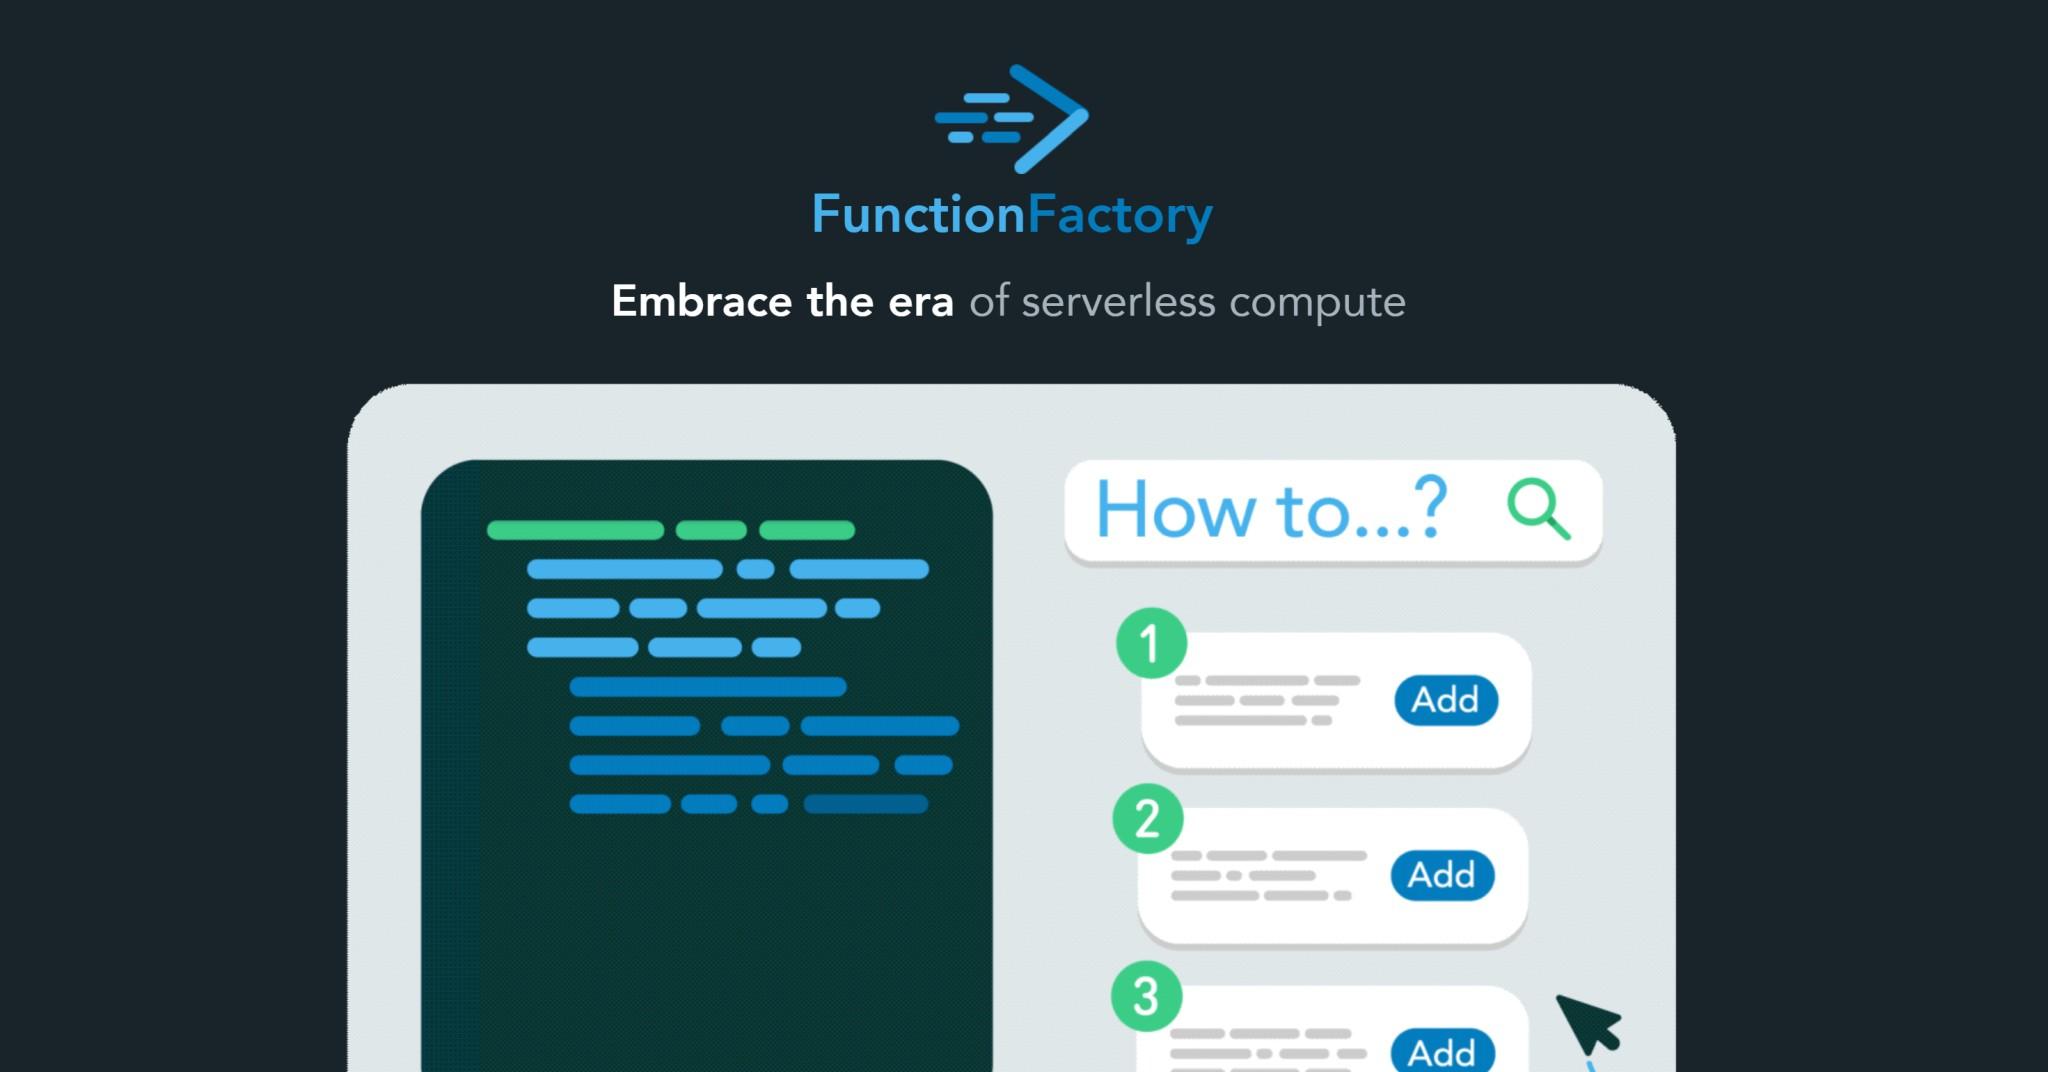 FunctionFactory.io